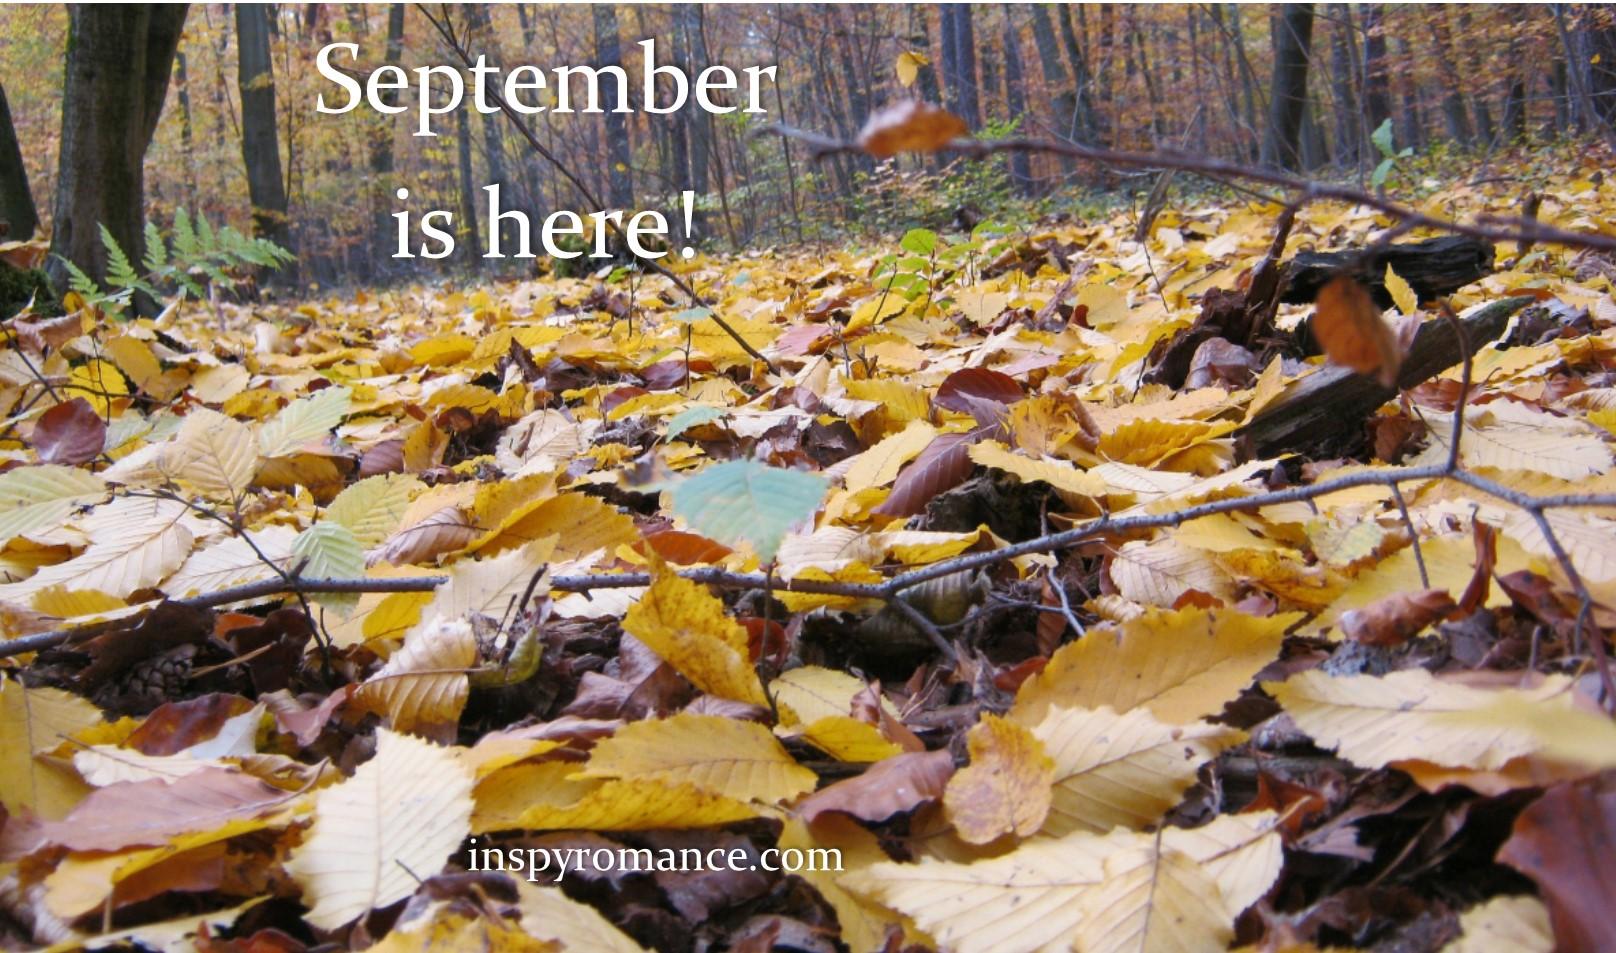 September is here